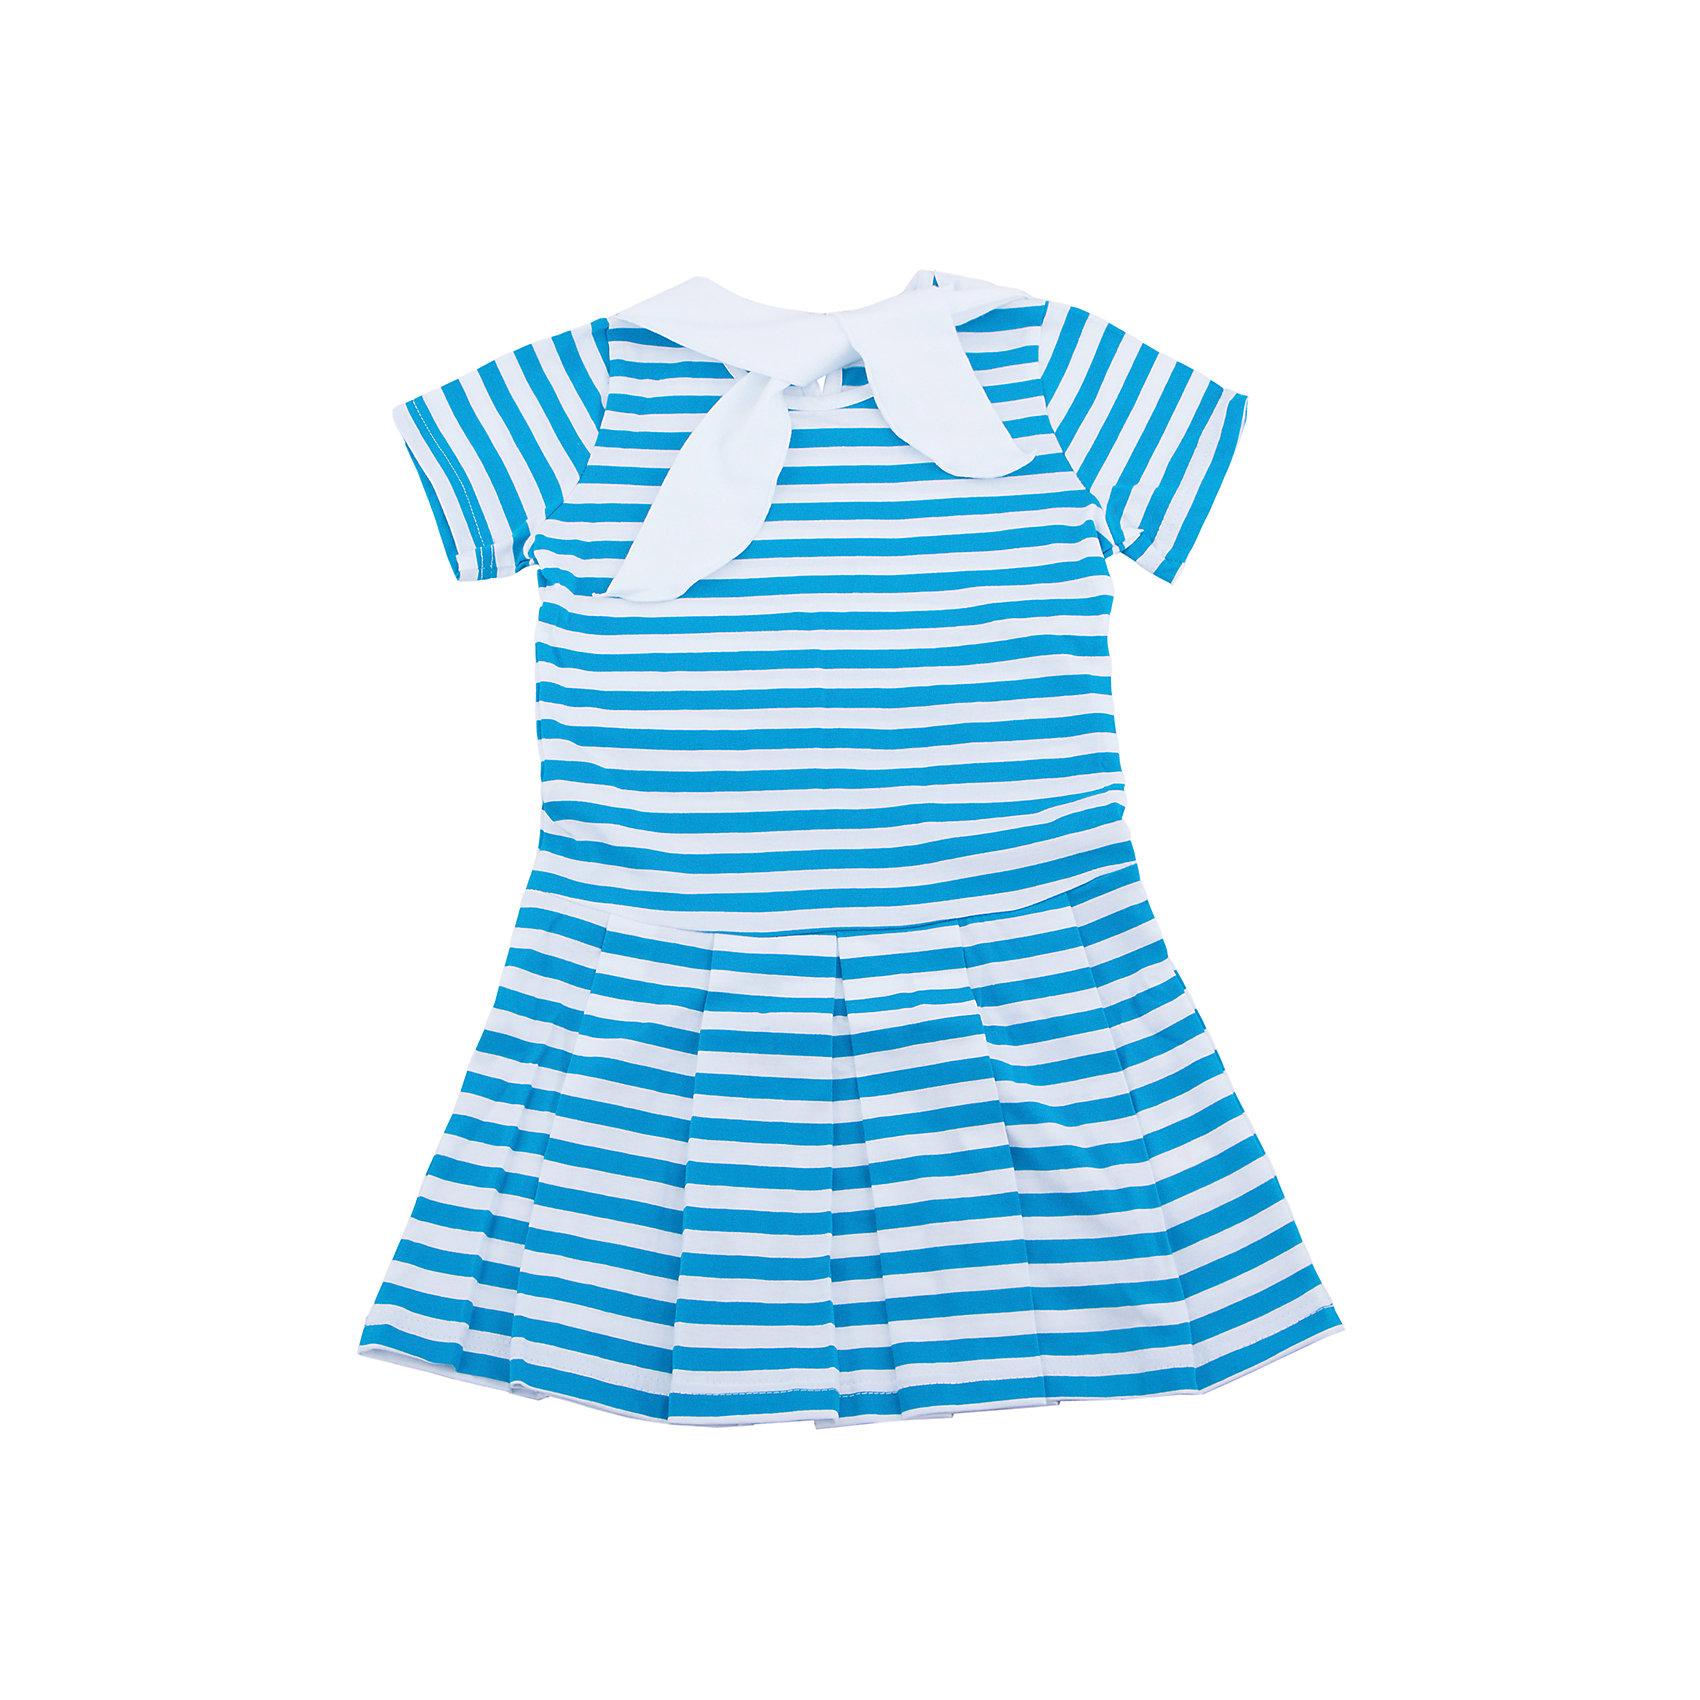 Платье для девочки АпрельПолоска<br>Характеристики товара:<br><br>• цвет: голубой<br>• состав: 100% хлопок<br>• короткие рукава<br>• декоративный воротник<br>• морской стиль<br>• складки на подоле<br>• застежка: пуговица<br>• комфортная посадка<br>• страна производитель: Российская Федерация<br>• страна бренда: Российская Федерация<br><br>Это симпатичное платье - удобная и универсальная вещь, которая поможет разнообразить гардероб ребенка. Она комфортно ощущается на теле, хорошо садится по детской фигуре. Изделие отлично сочетается с различной обувью. Материал состоит из хлопка, который не вызывает аллергии и позволяет коже дышать.<br><br>Платье для девочки от известного бренда Апрель можно купить в нашем интернет-магазине.<br><br>Ширина мм: 236<br>Глубина мм: 16<br>Высота мм: 184<br>Вес г: 177<br>Цвет: голубой<br>Возраст от месяцев: 60<br>Возраст до месяцев: 72<br>Пол: Женский<br>Возраст: Детский<br>Размер: 116,86,92,98,104,110<br>SKU: 5438502